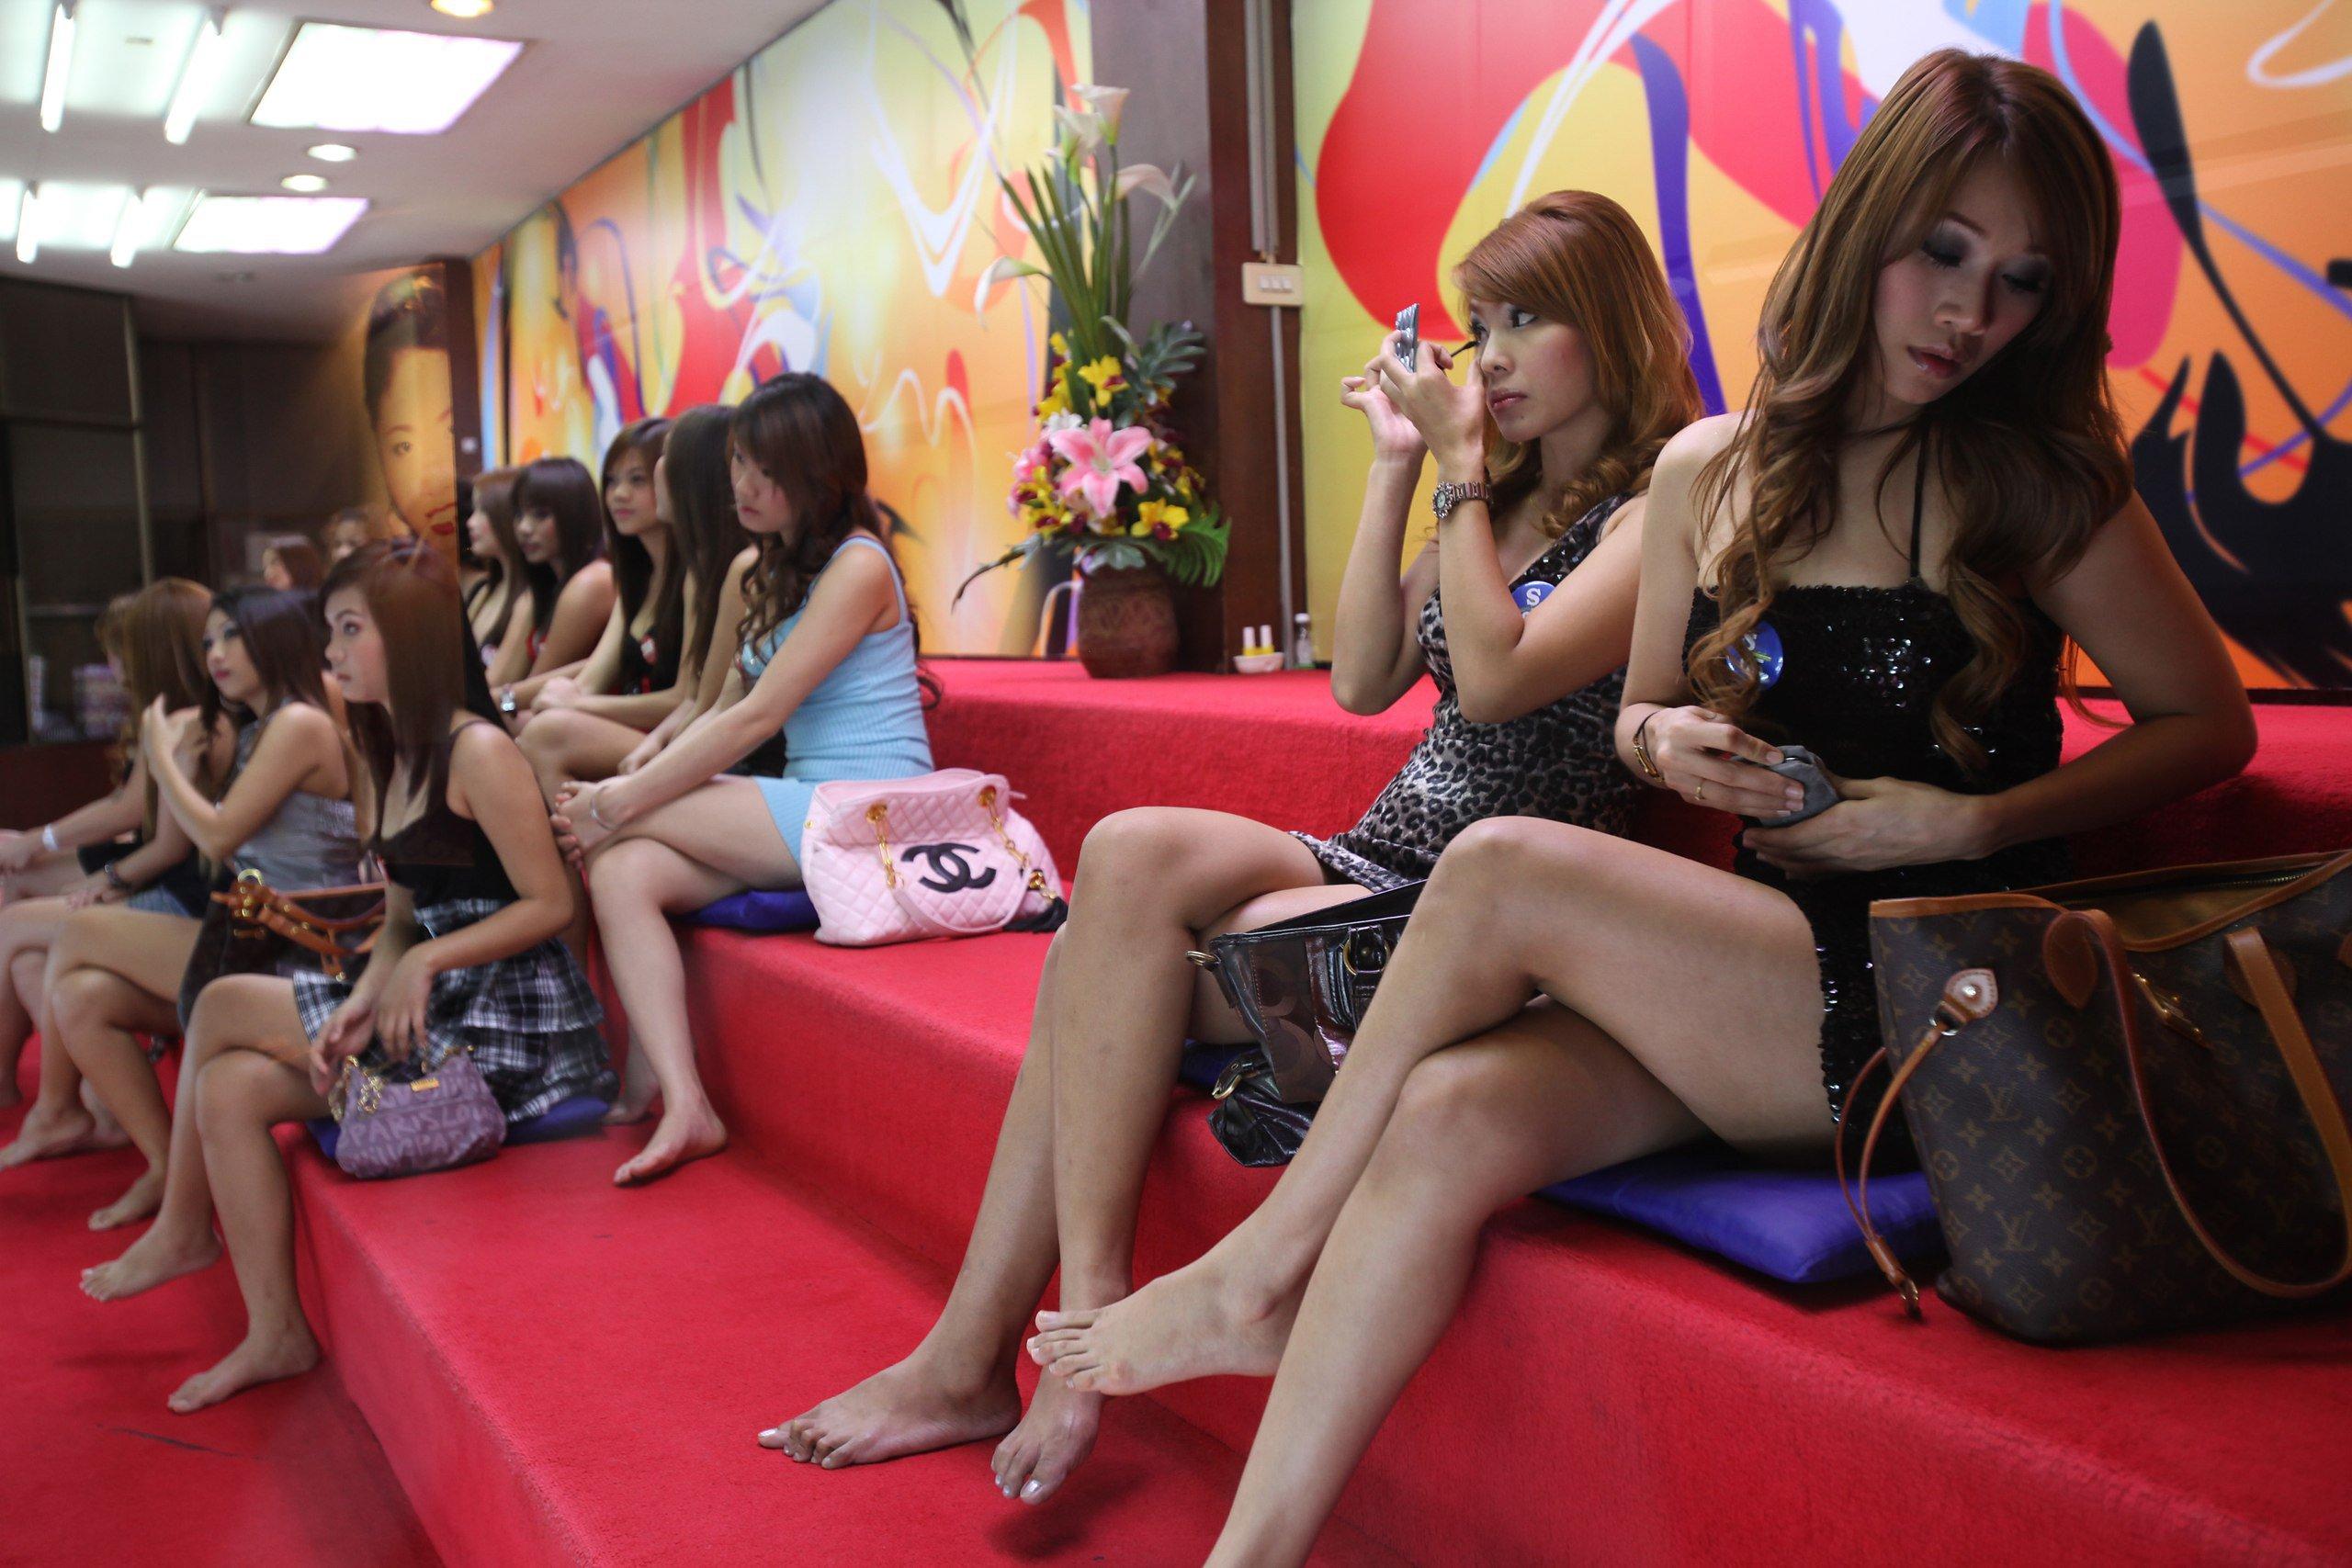 Полиция в Таиланде задержала участников секс-вечеринки за нарушение коронавирусных ограничений